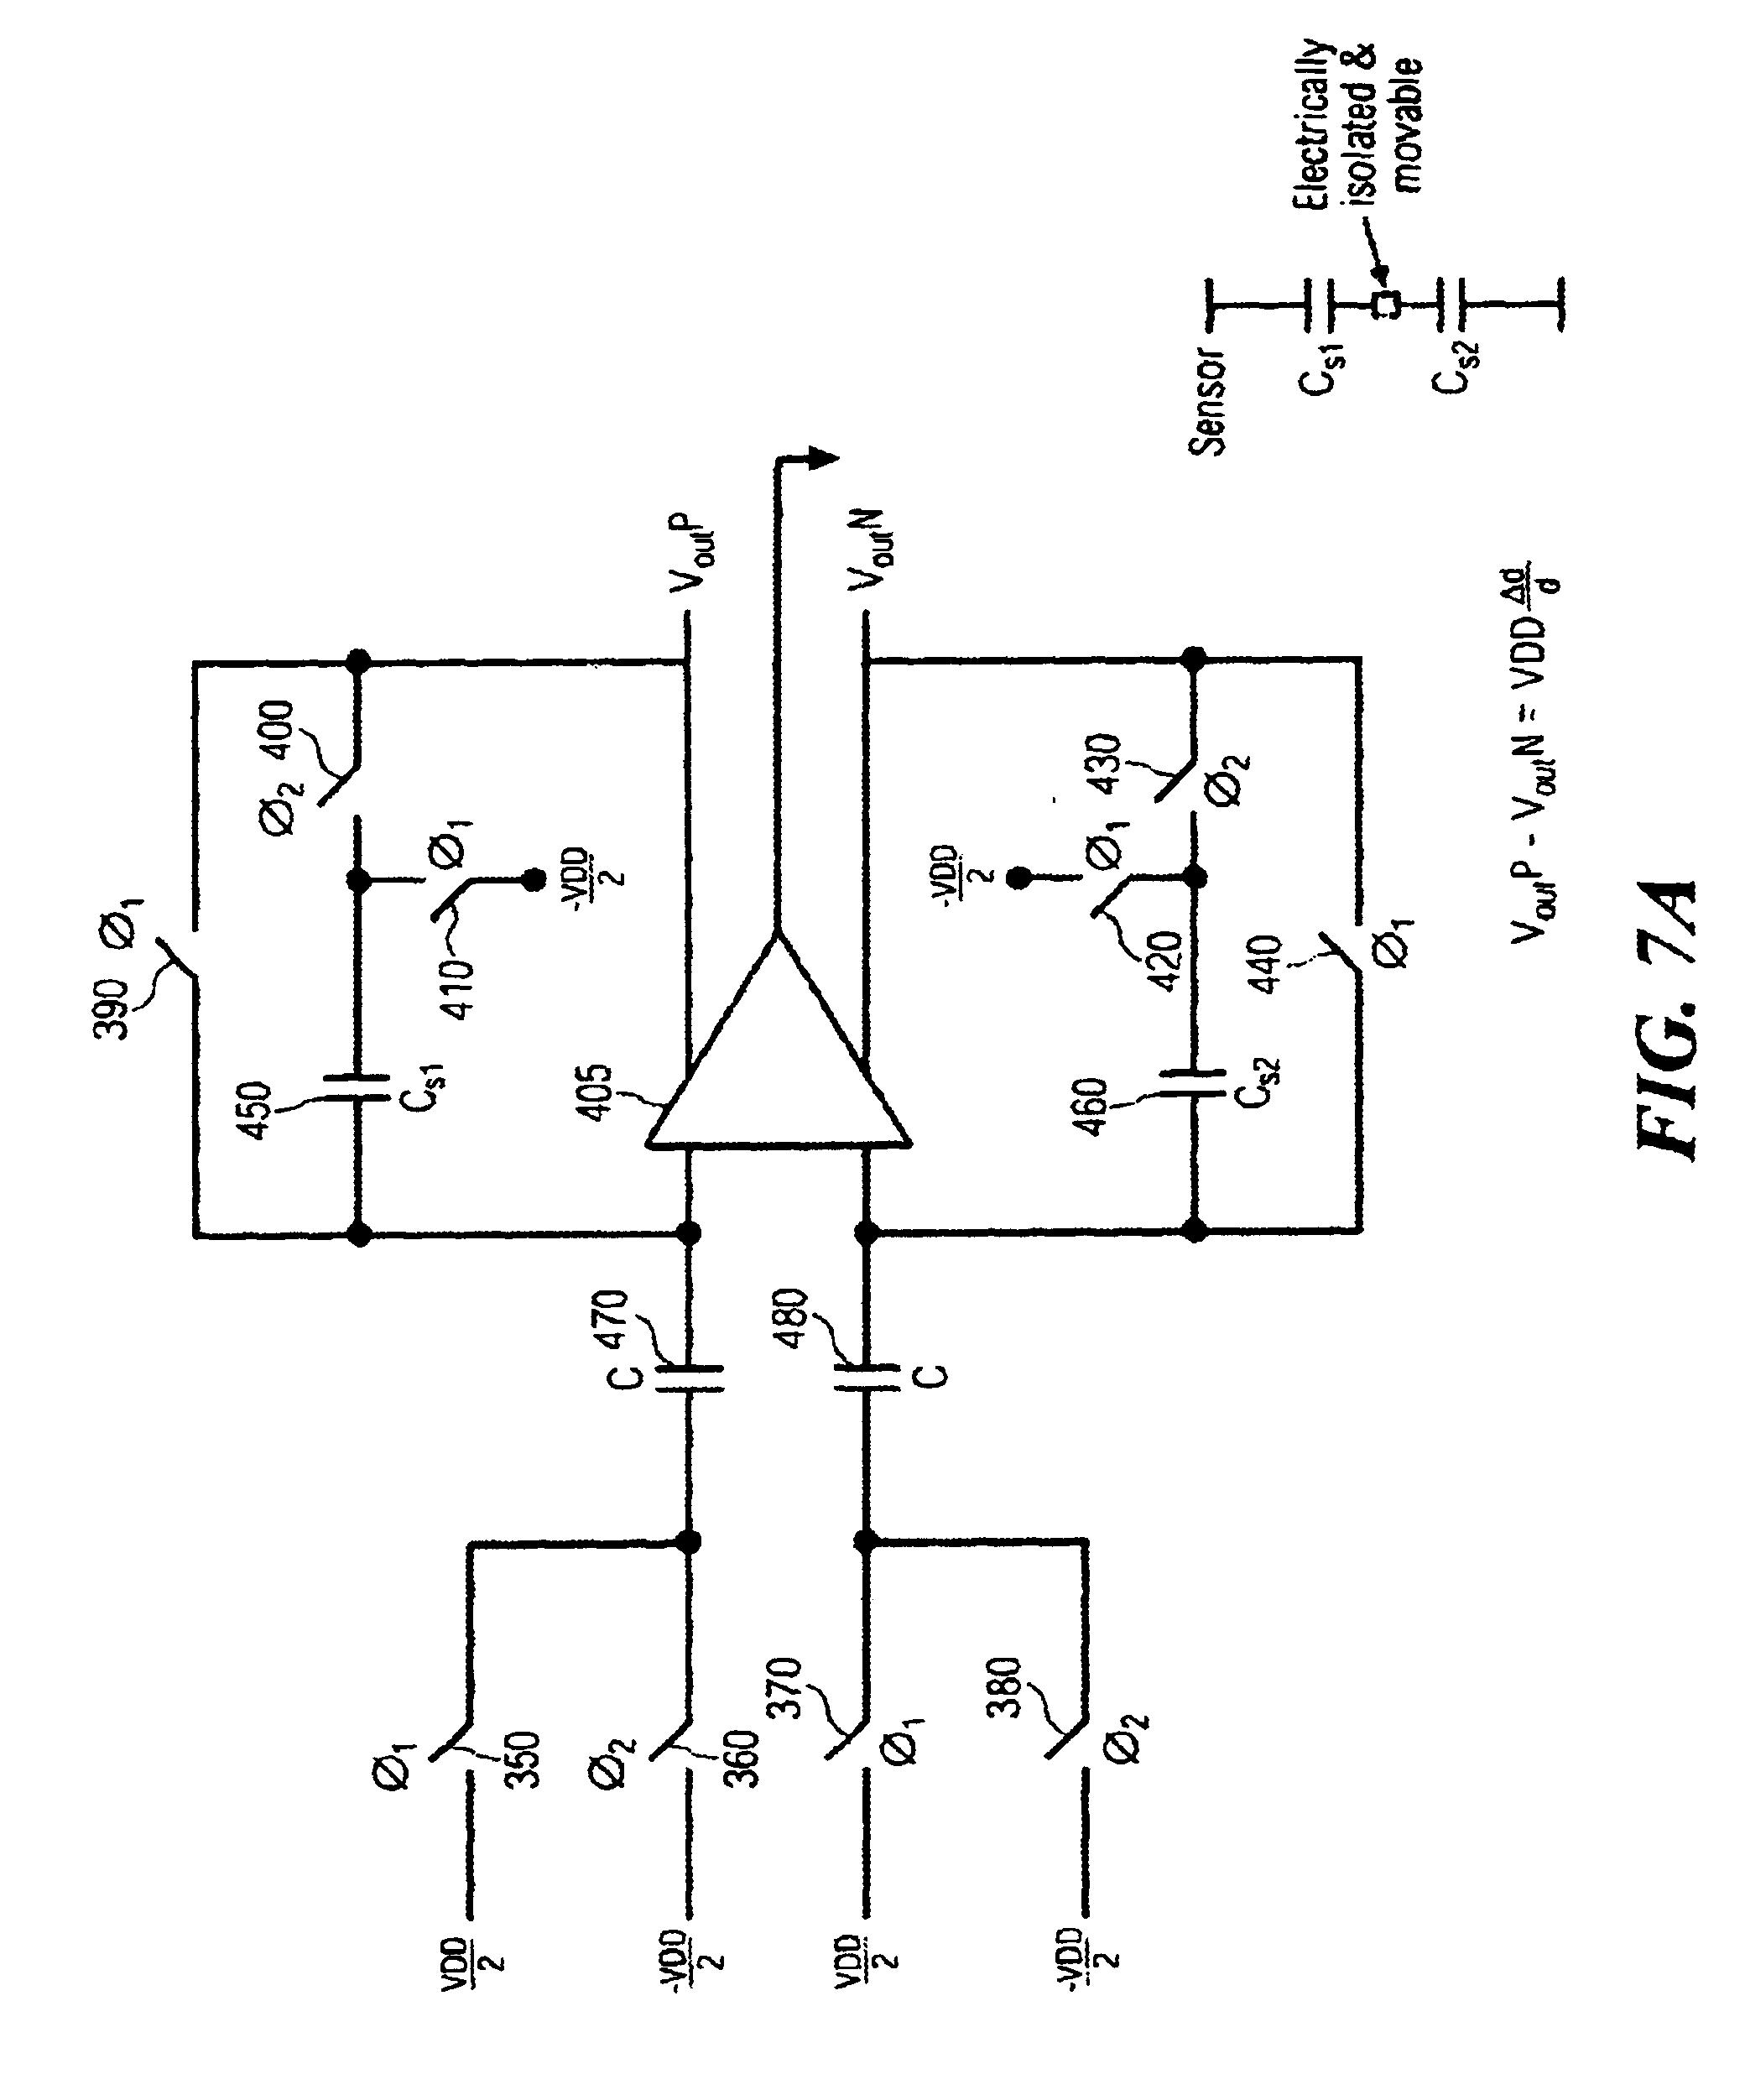 patent us6639414